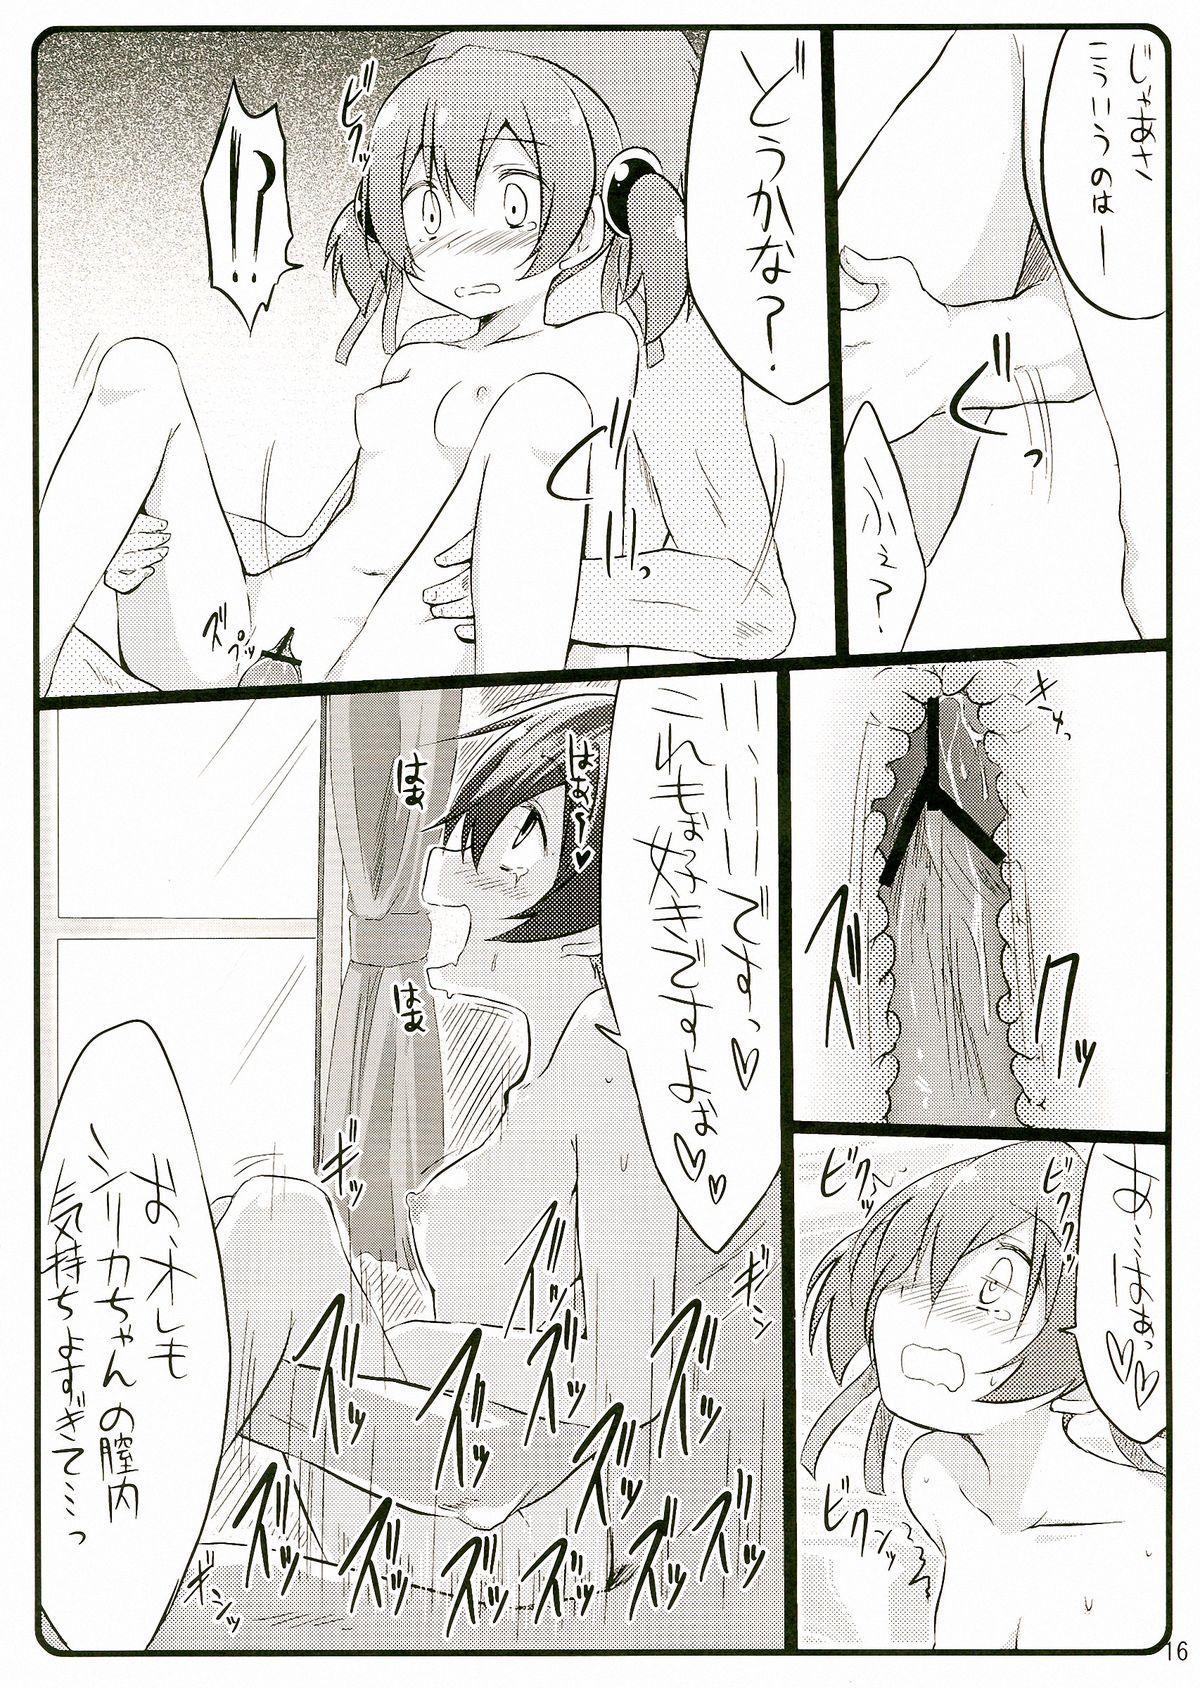 Silica chan kawaii β2 15